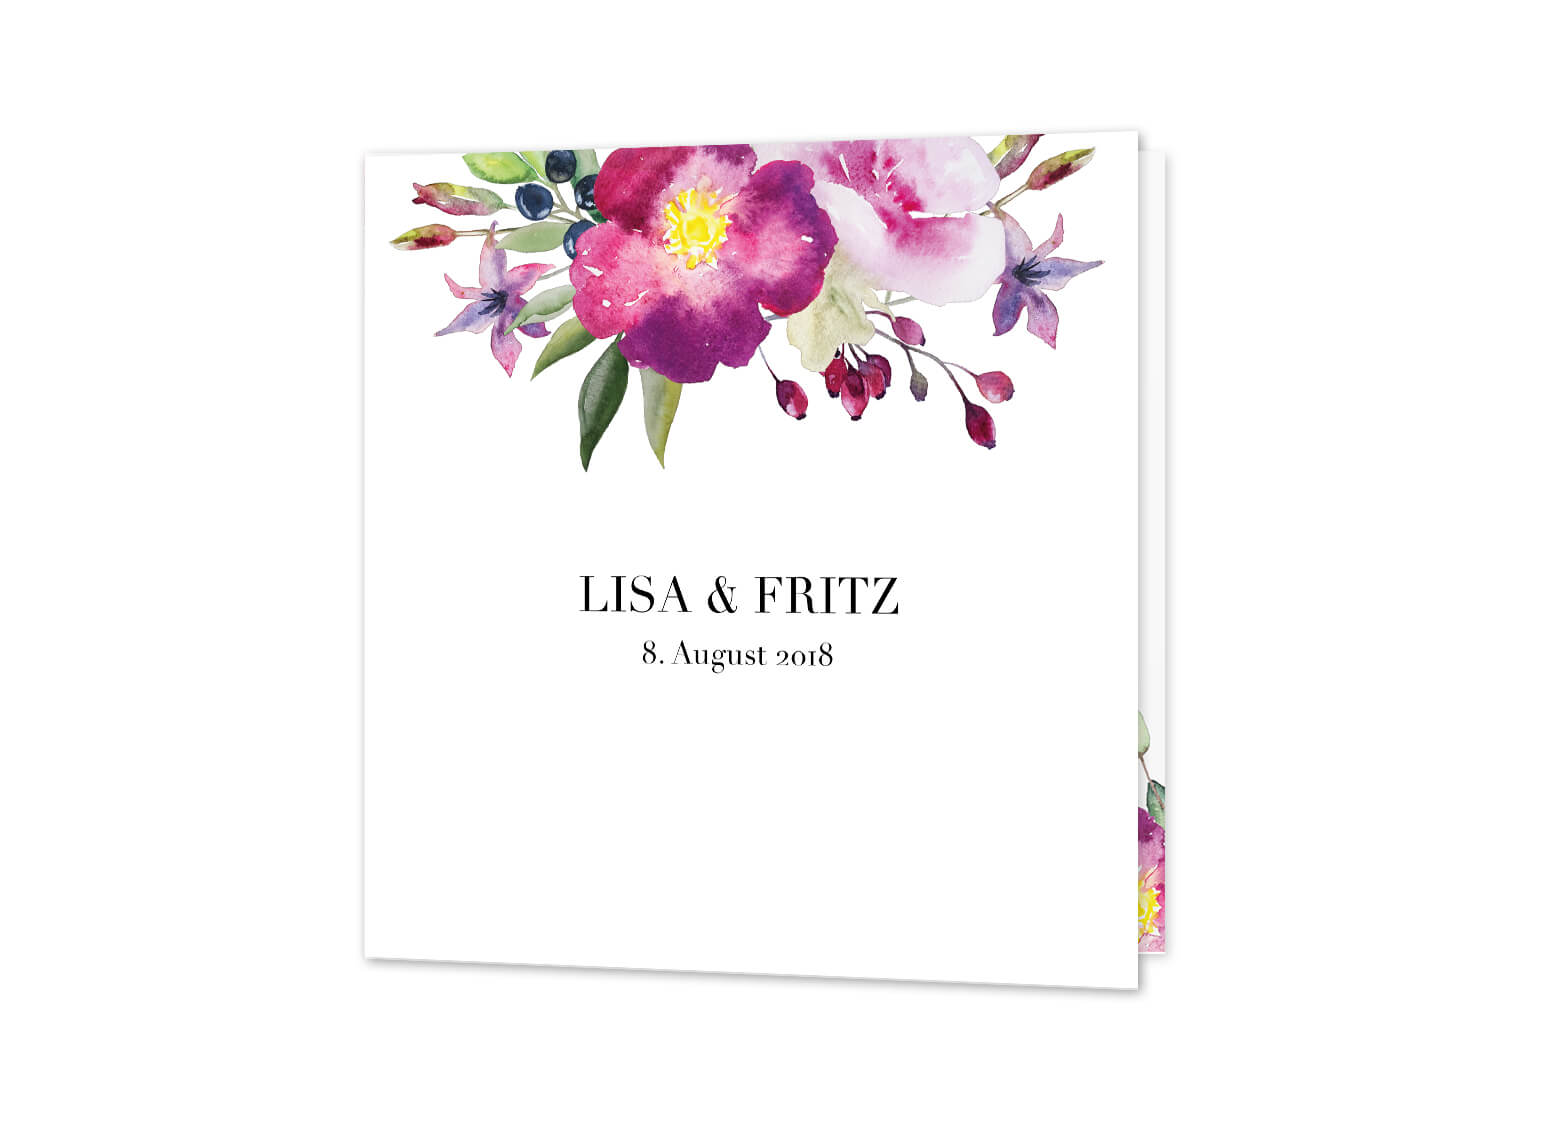 Hochzeitseinladung Blumen Aquarell qudratisch Rosen Liebe